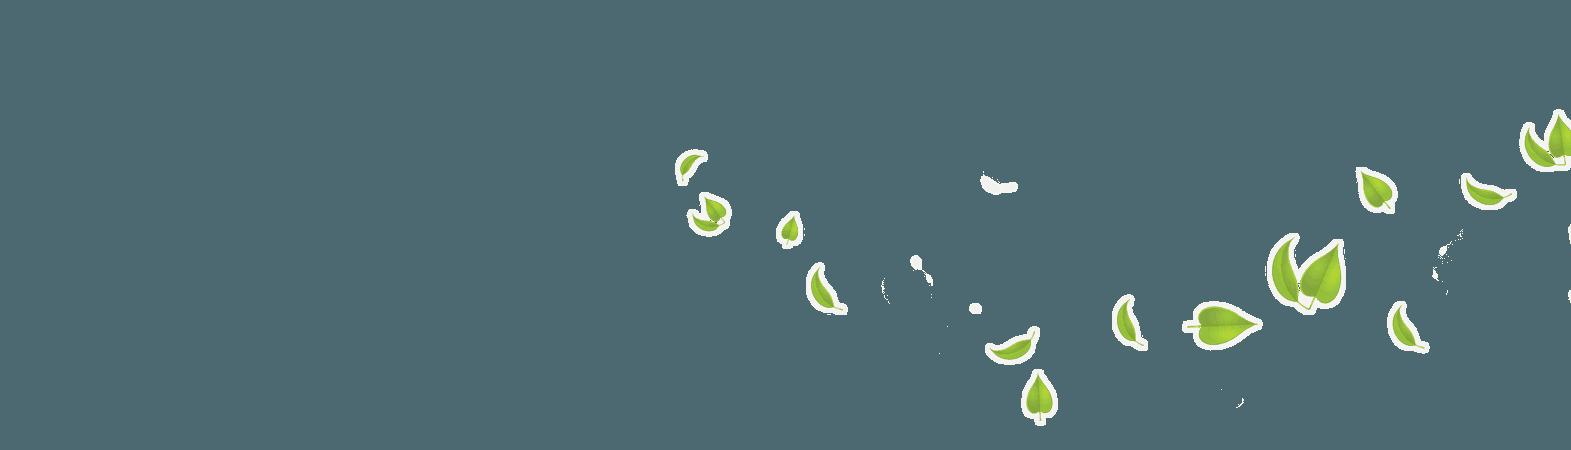 Green Leaves Transparent Background HQ PNG Image   FreePNGImg